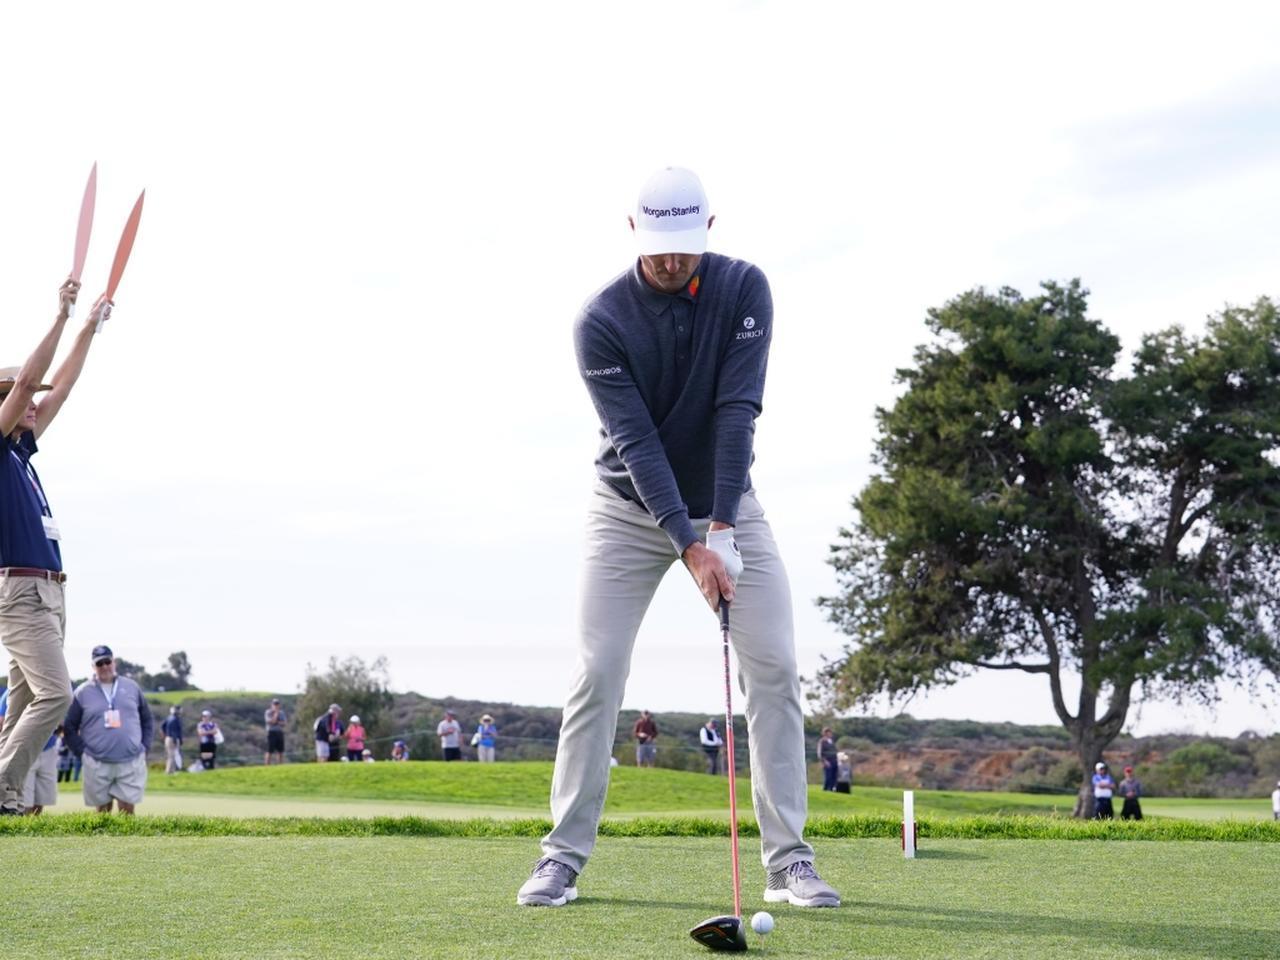 画像7: 【ギア研究】PGAツアートップ選手のレプリカドライバーを組んで打った。「運命のシャフトとヘッド」見つけ方